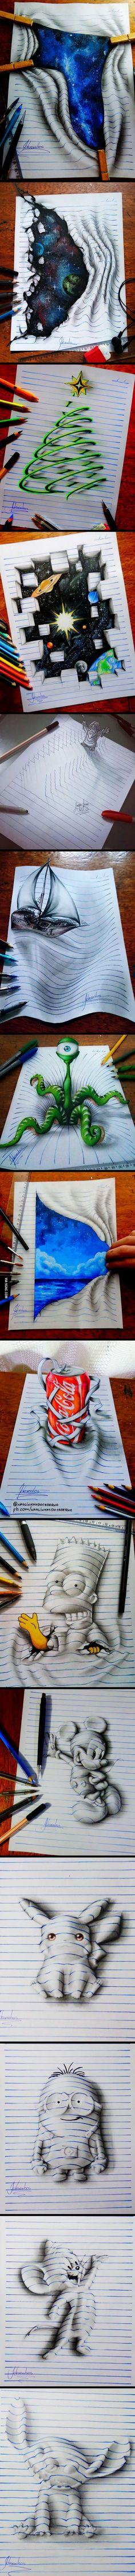 Artist João Carvalho Creates 3-D Doodles That Leap Off The Page